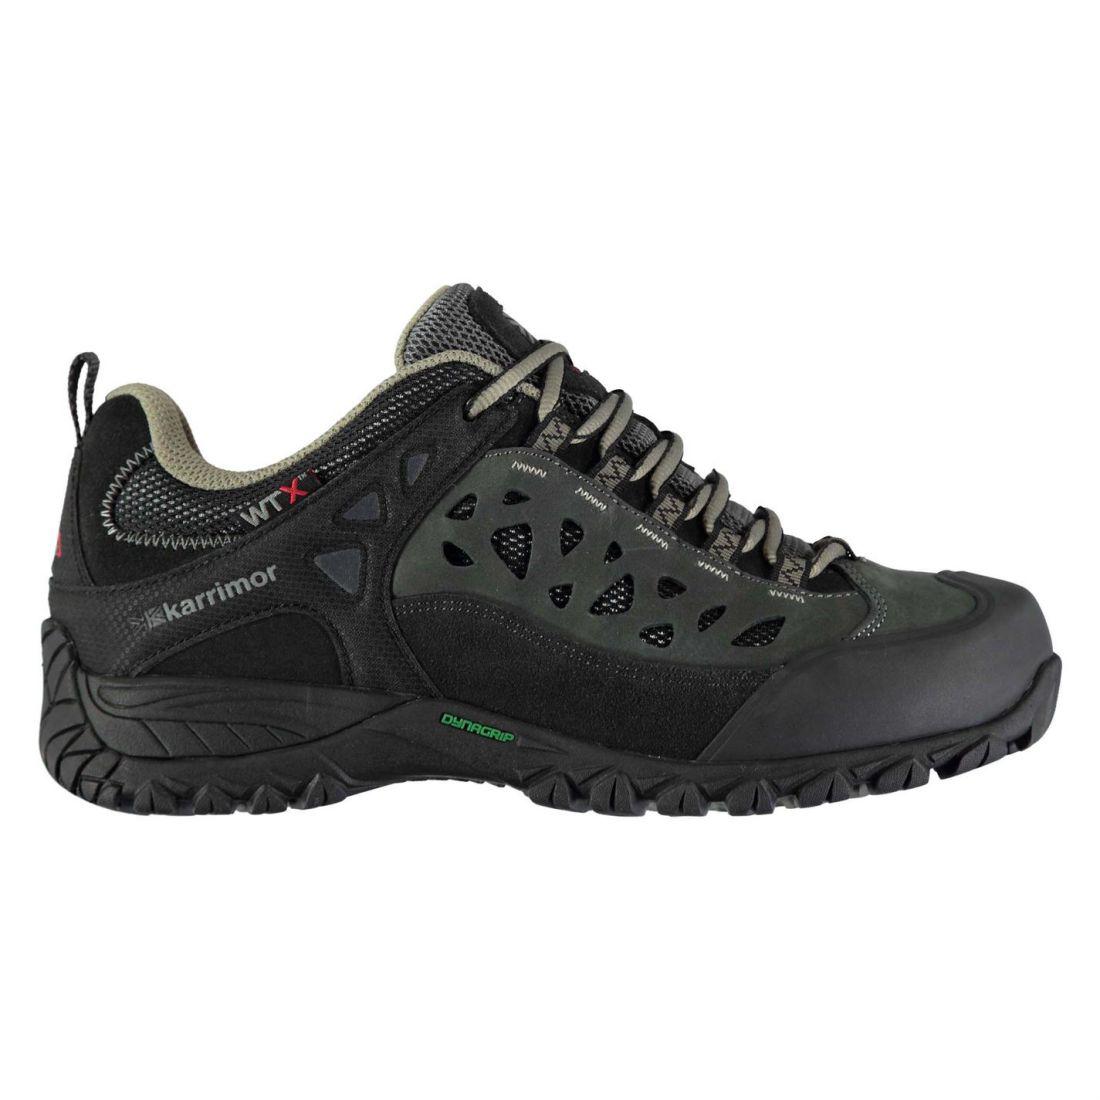 Karrimor Corrie Wtx Caminar Zapatos  para hombre Caballeros Gamuza Ventilado repelente al agua  mejor moda